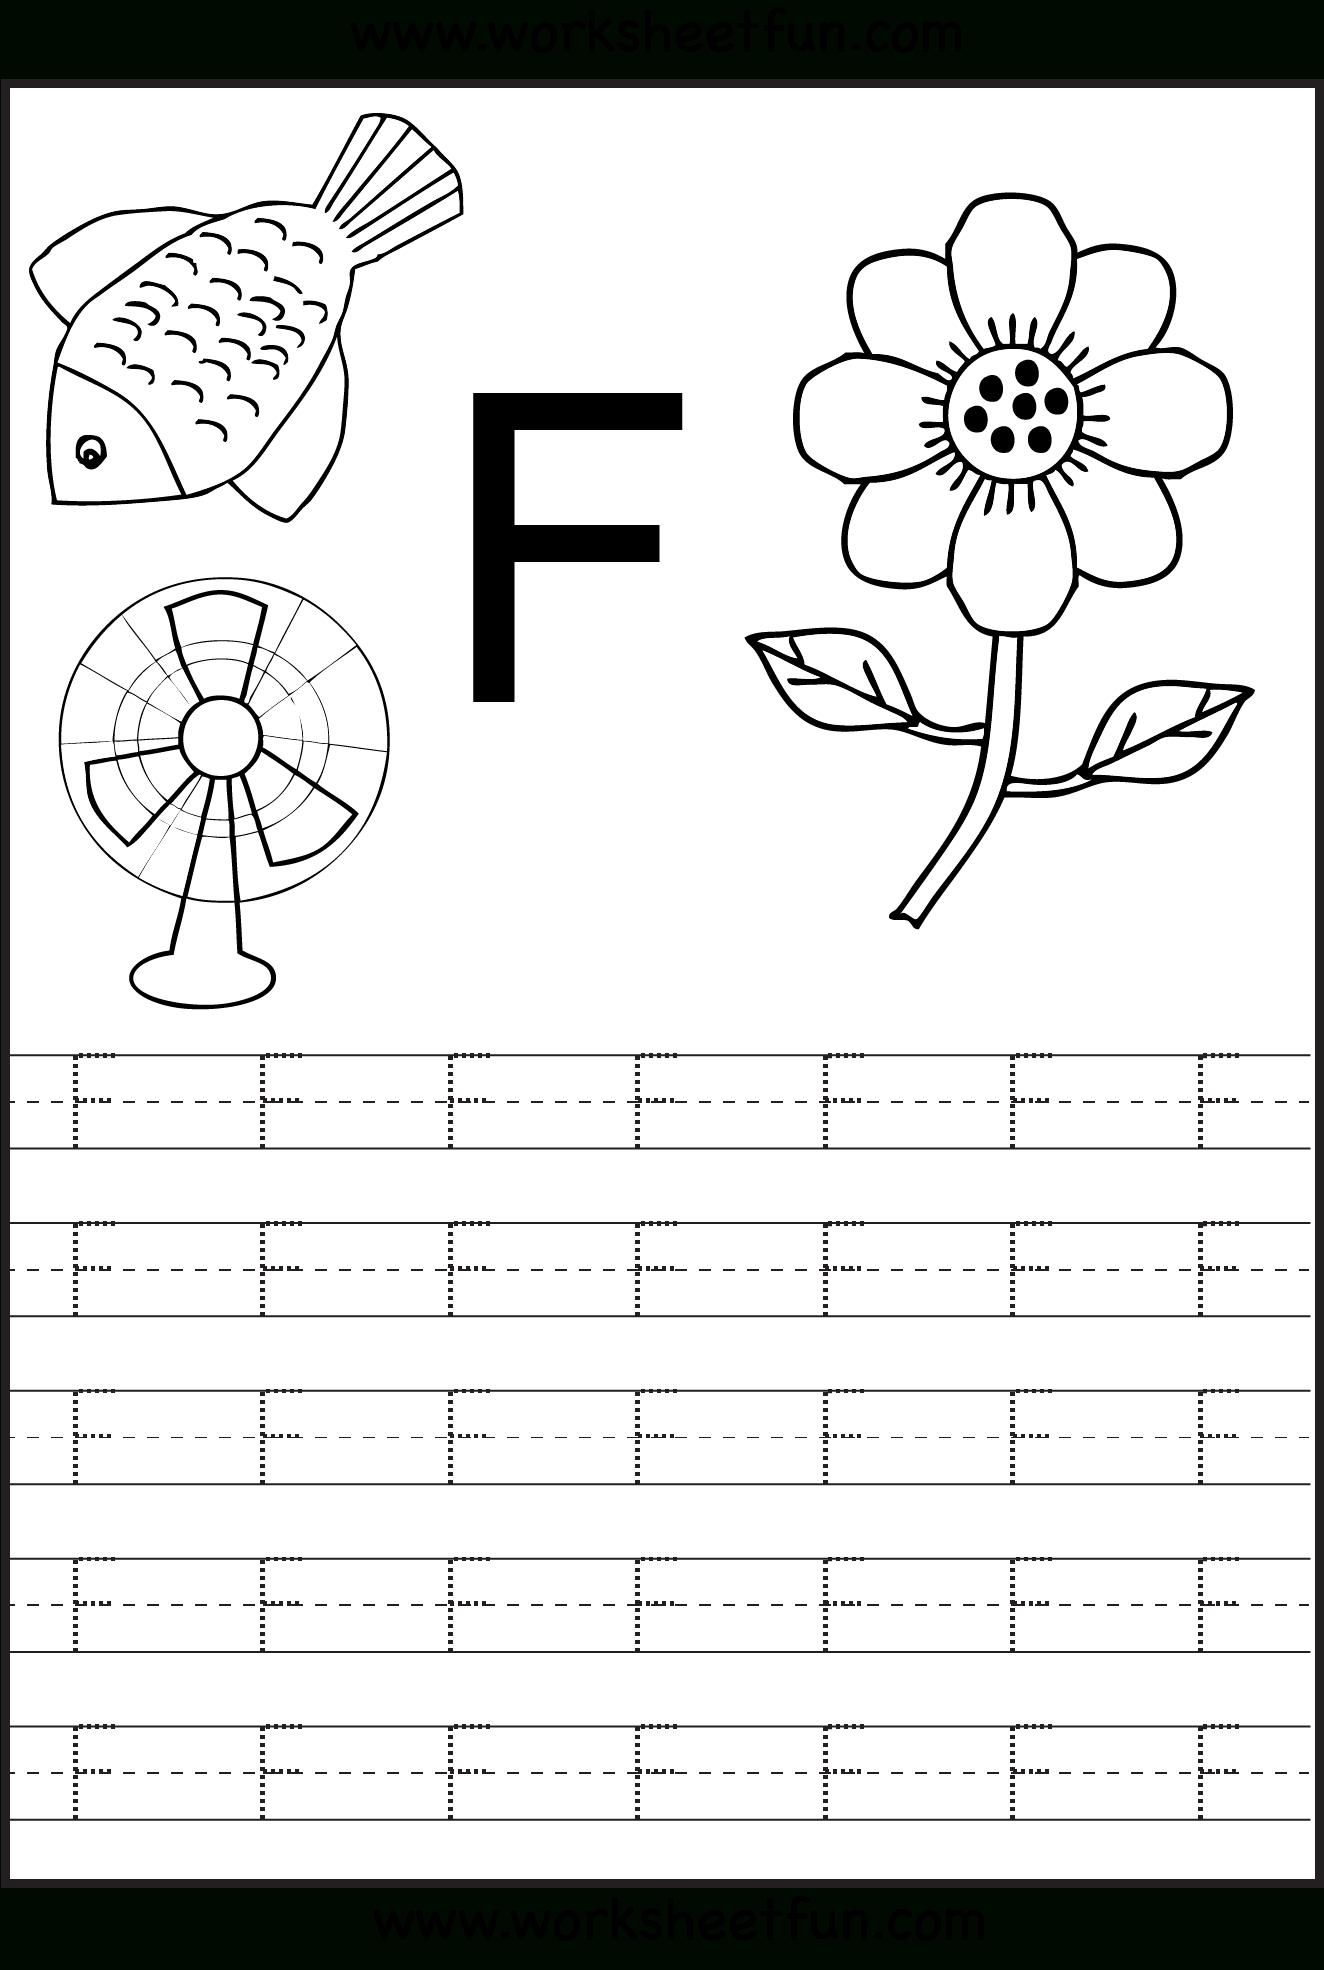 Letter F Worksheets | H3Dwallpapers - High Definition Free intended for Letter F Worksheets For Kindergarten